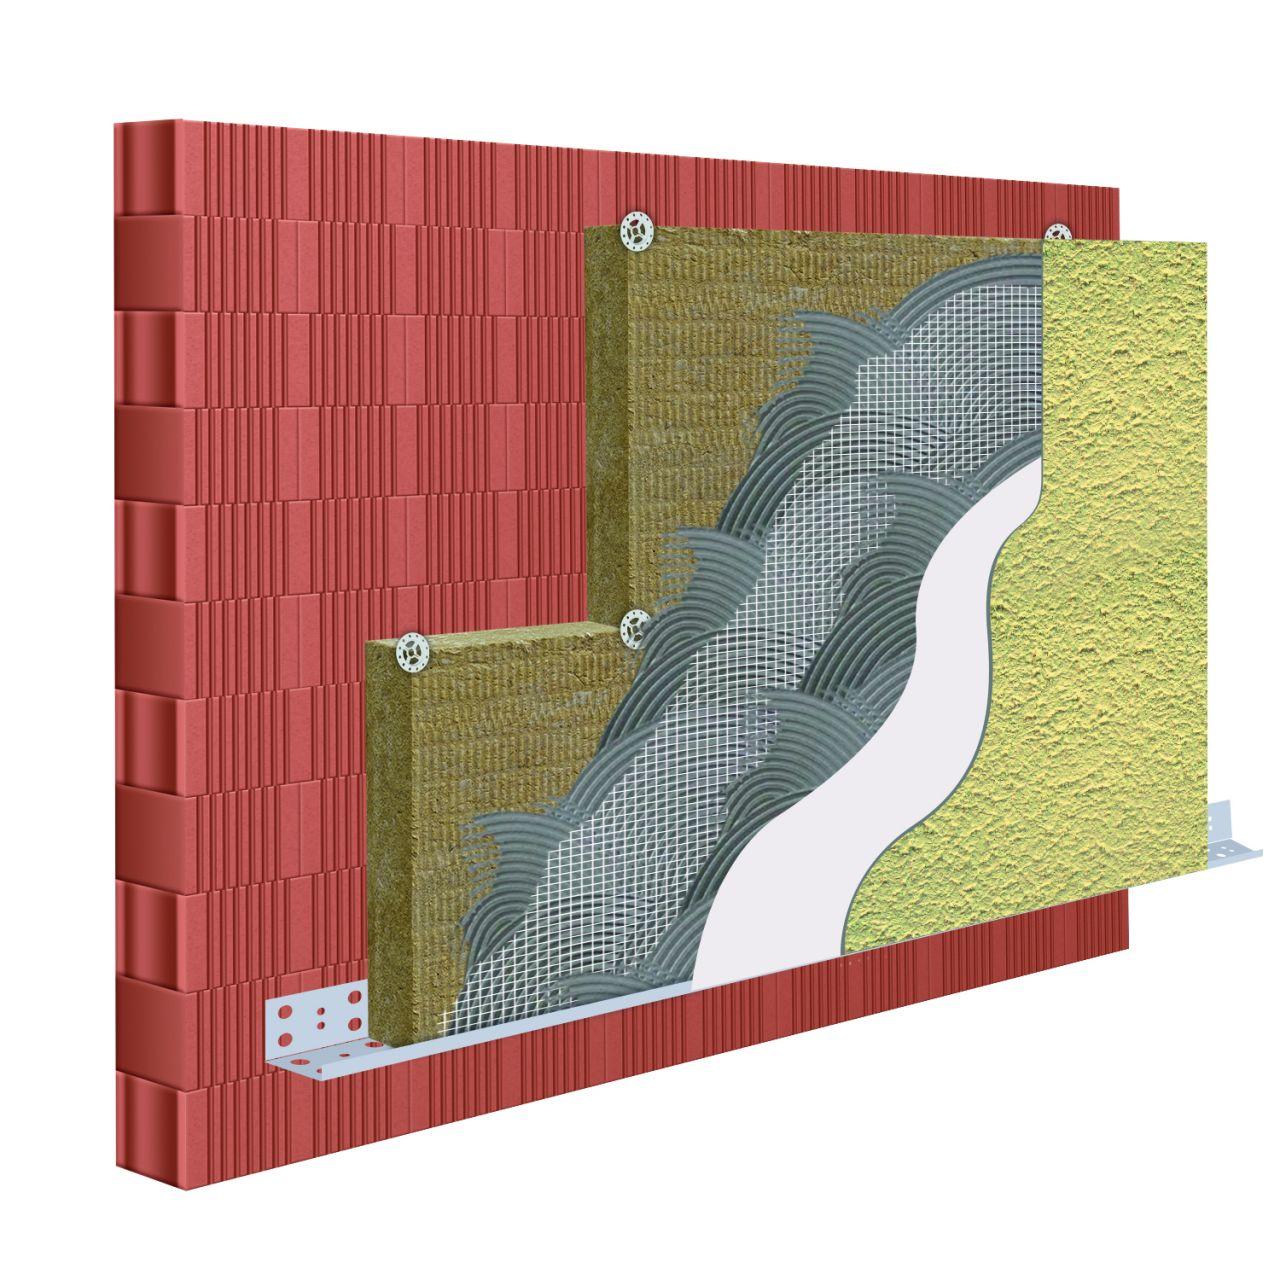 Homlokzati 12 cm vtg. kőzetgyapot hőszigetelő rendszer 1,5 mm-es kapart vakolattal 100 színben